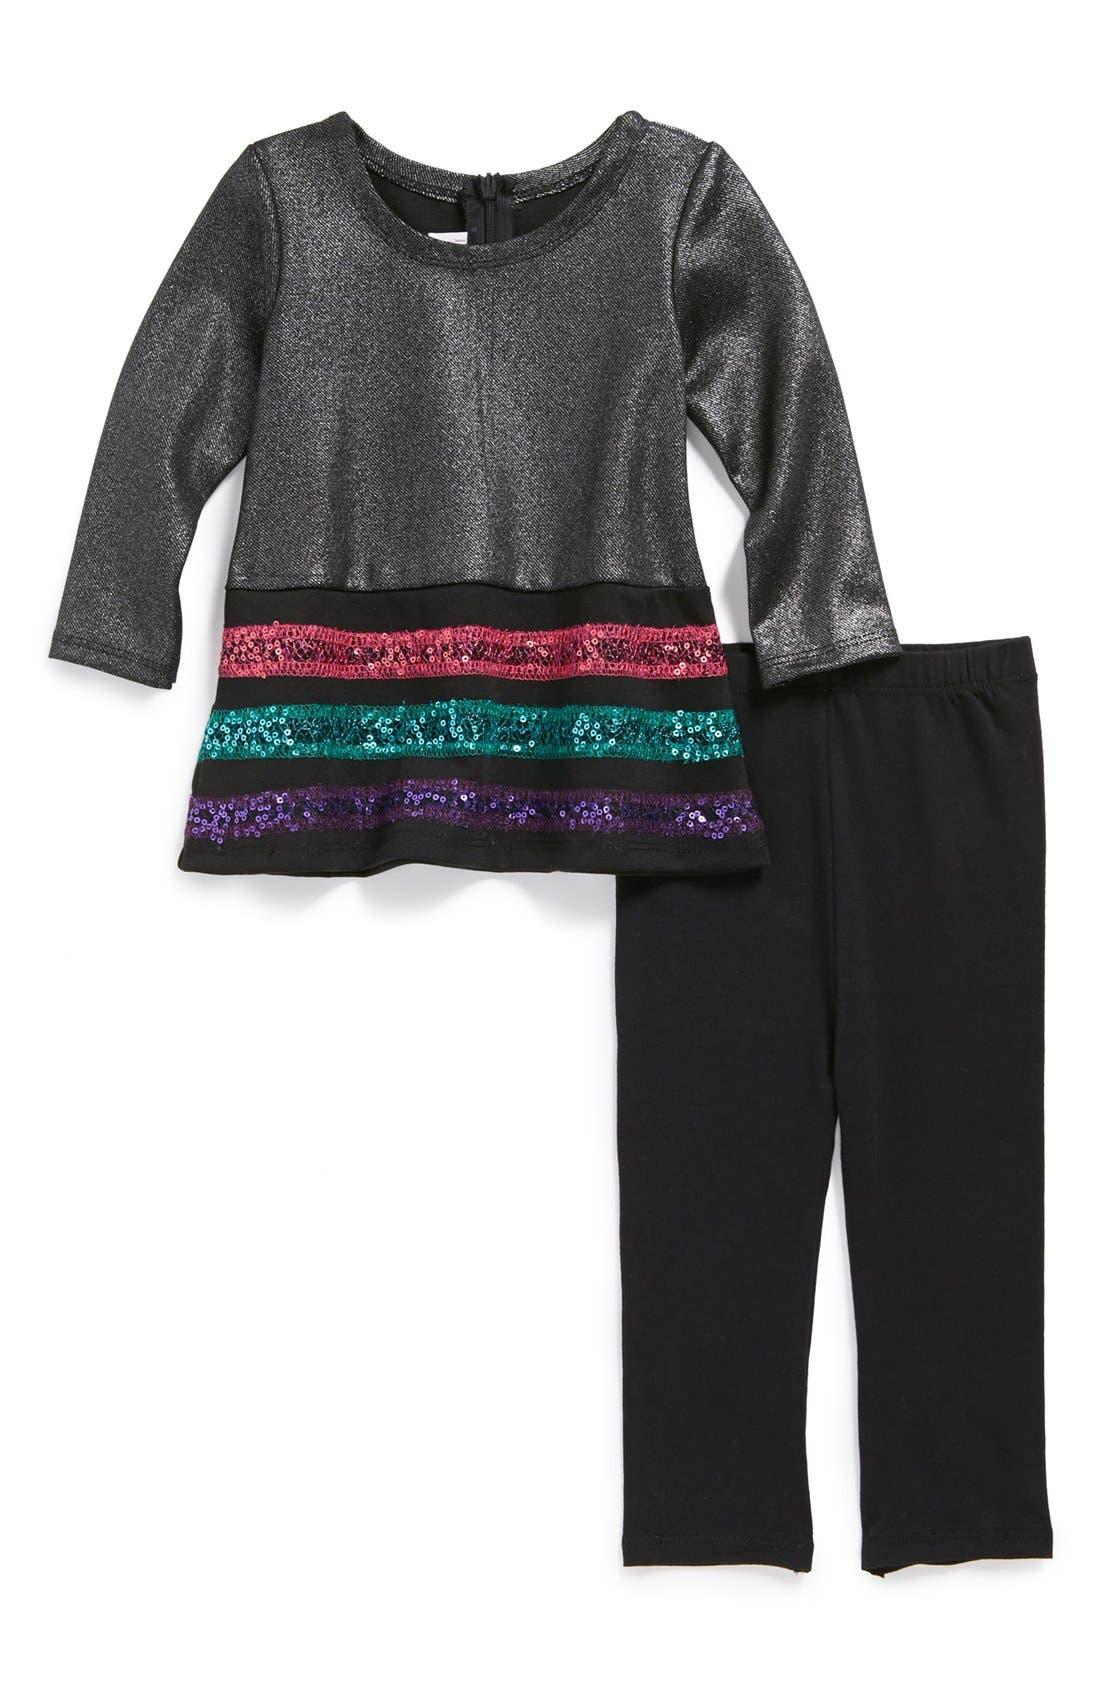 Main Image - Iris & Ivy Sequin Dress & Leggings (Toddler Girls)